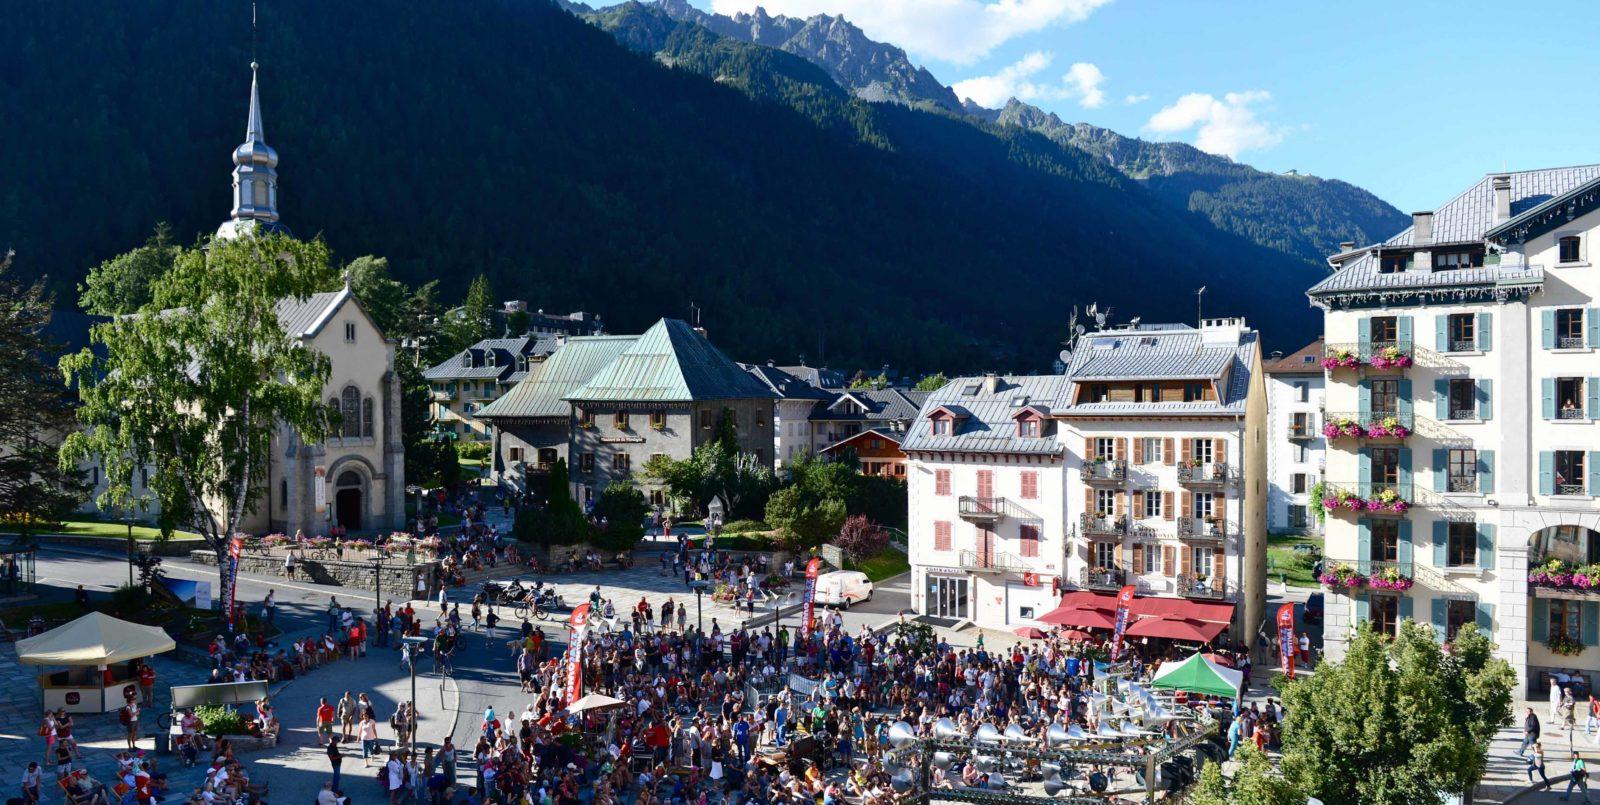 Fête des Guides à Chamonix 2018